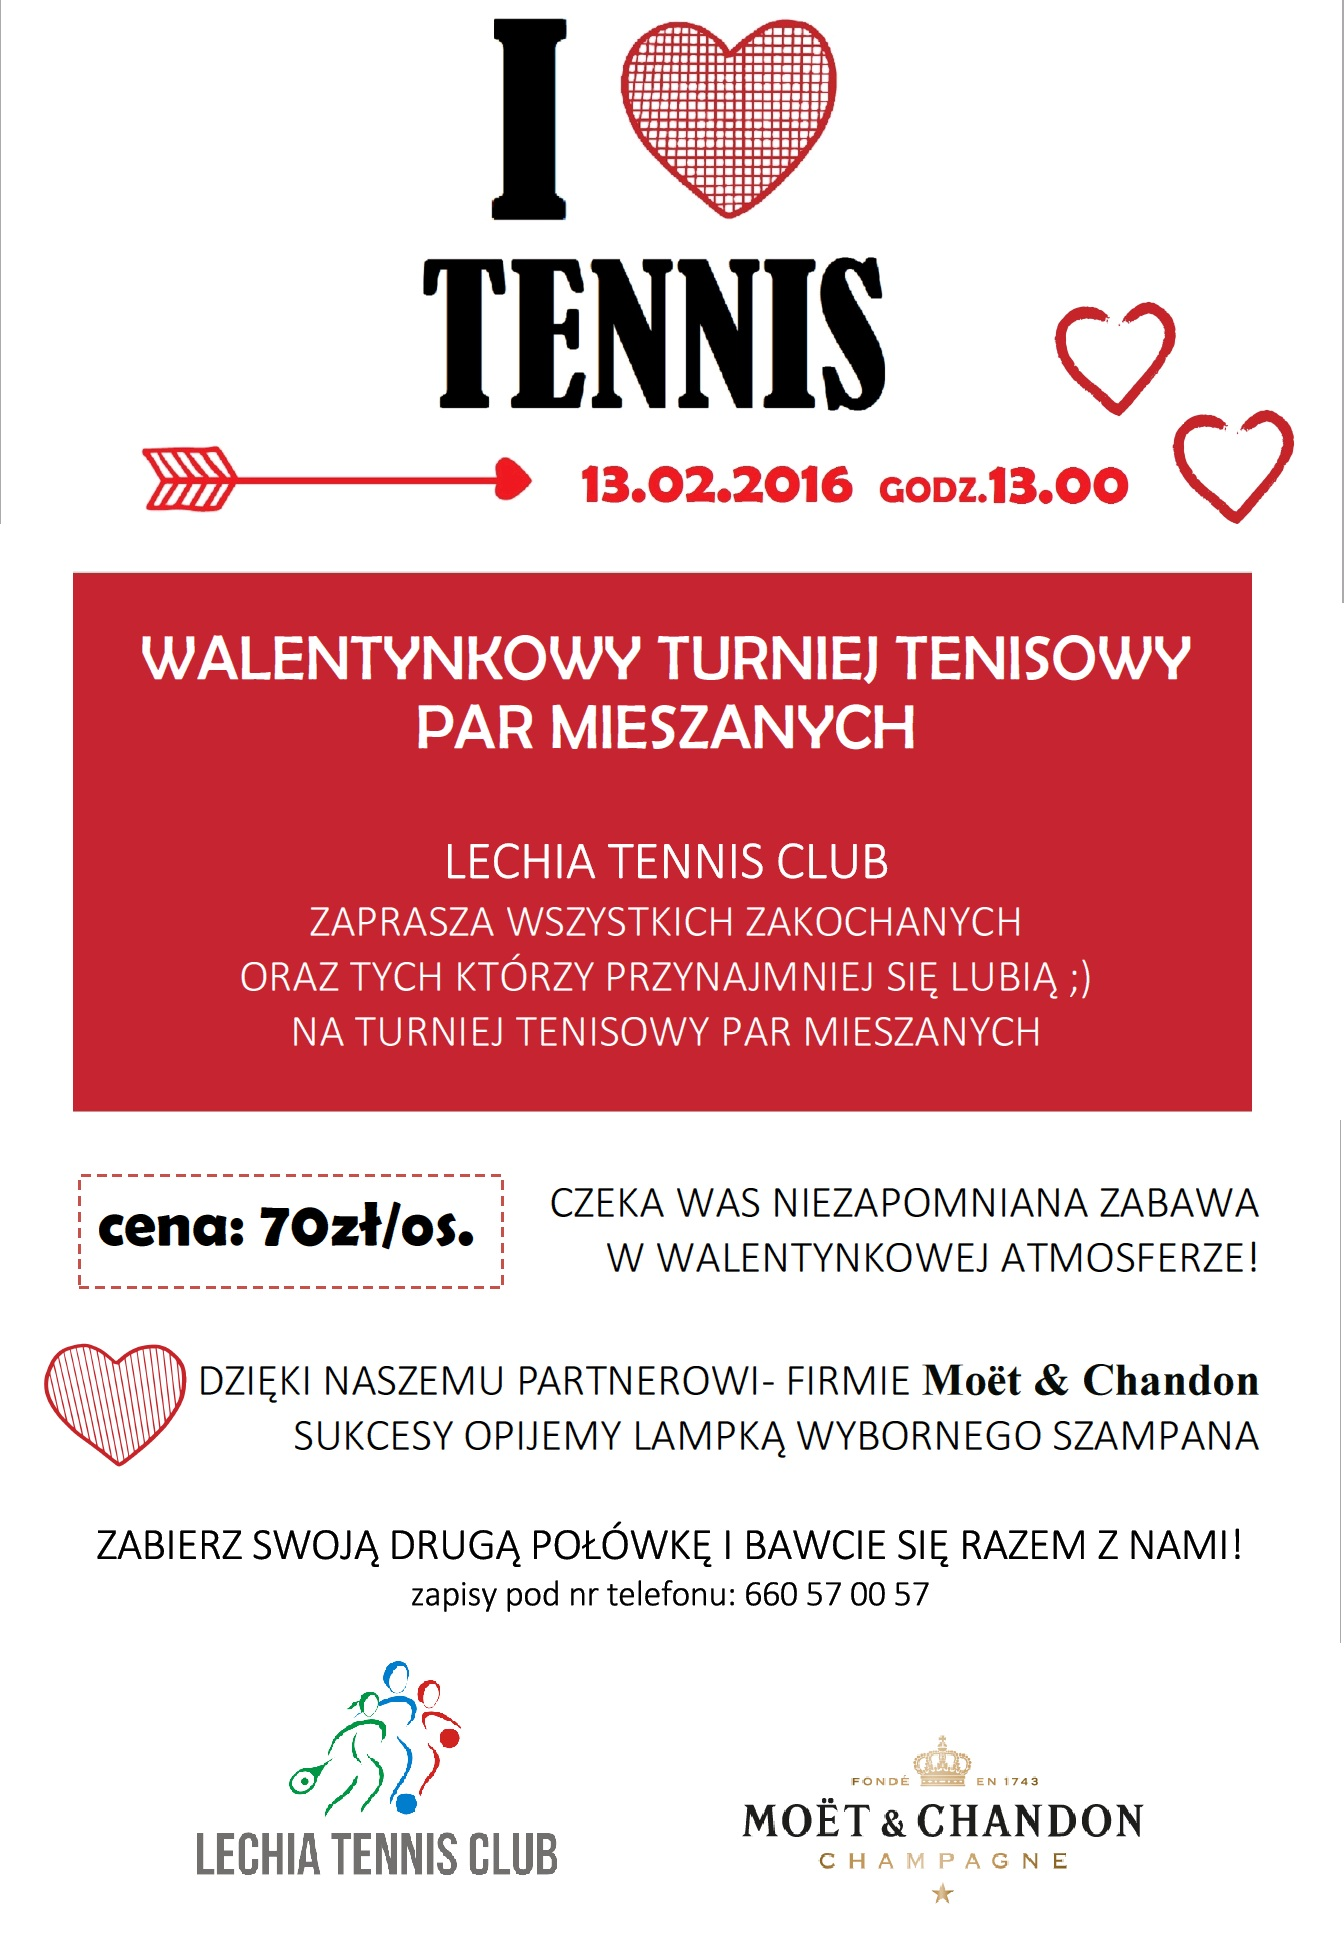 walentynkowy turniej tenisowy